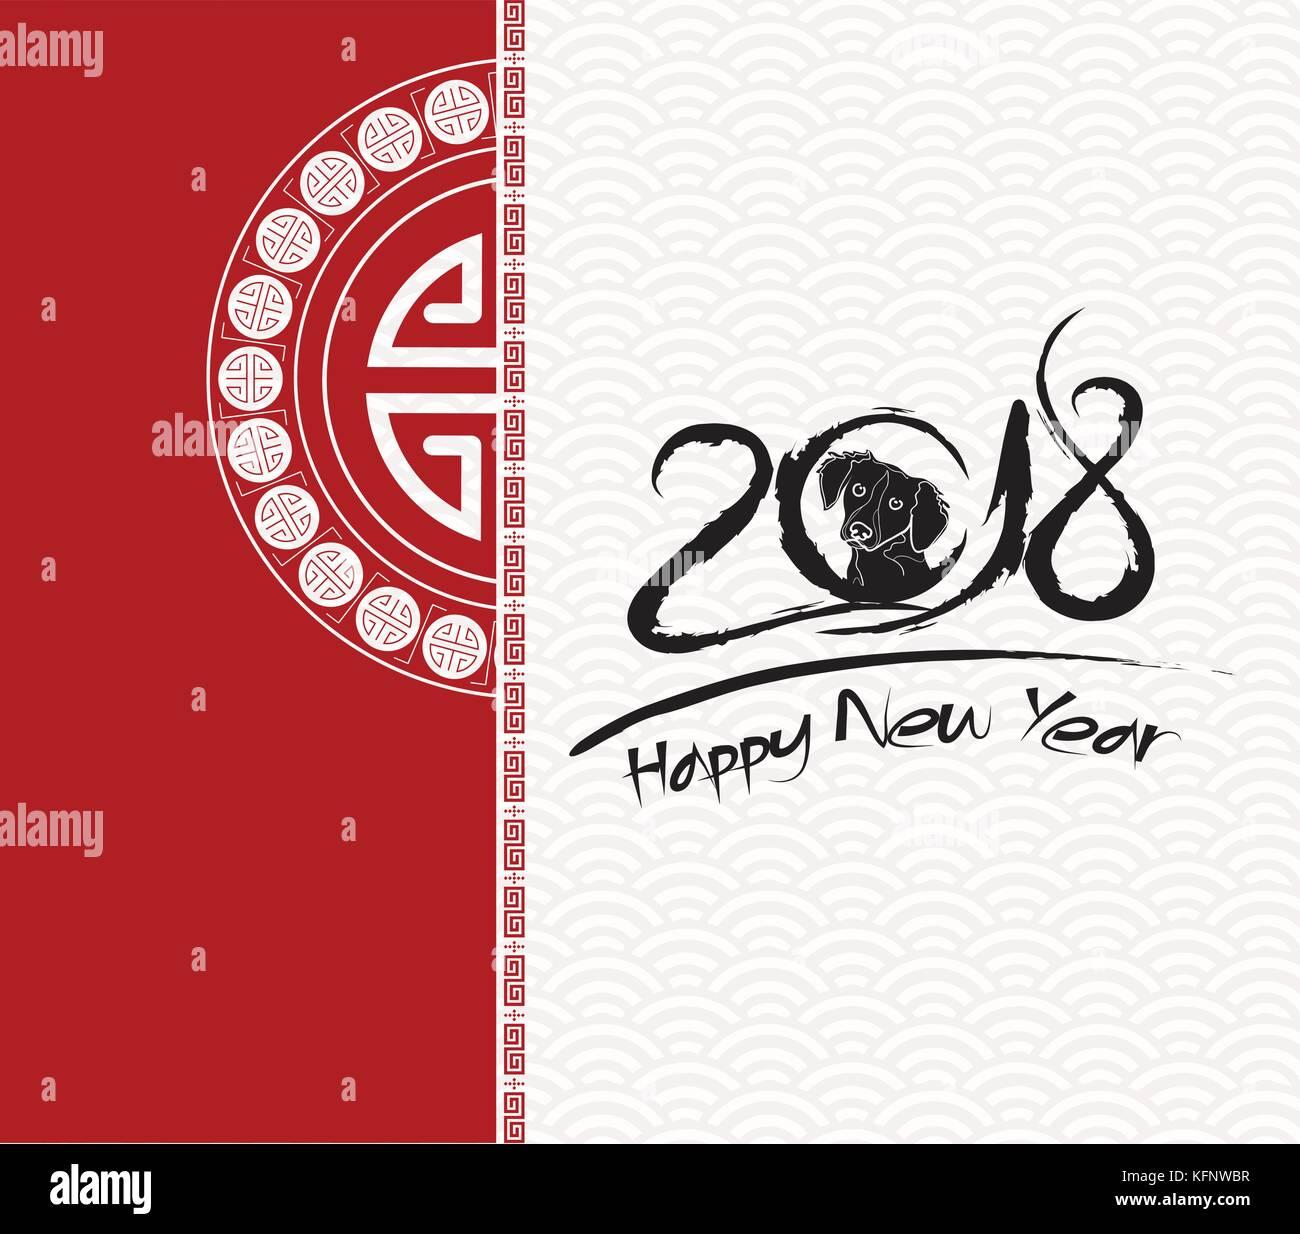 Chinesisches Neujahr 2018 festliche Vector Card Design mit ...